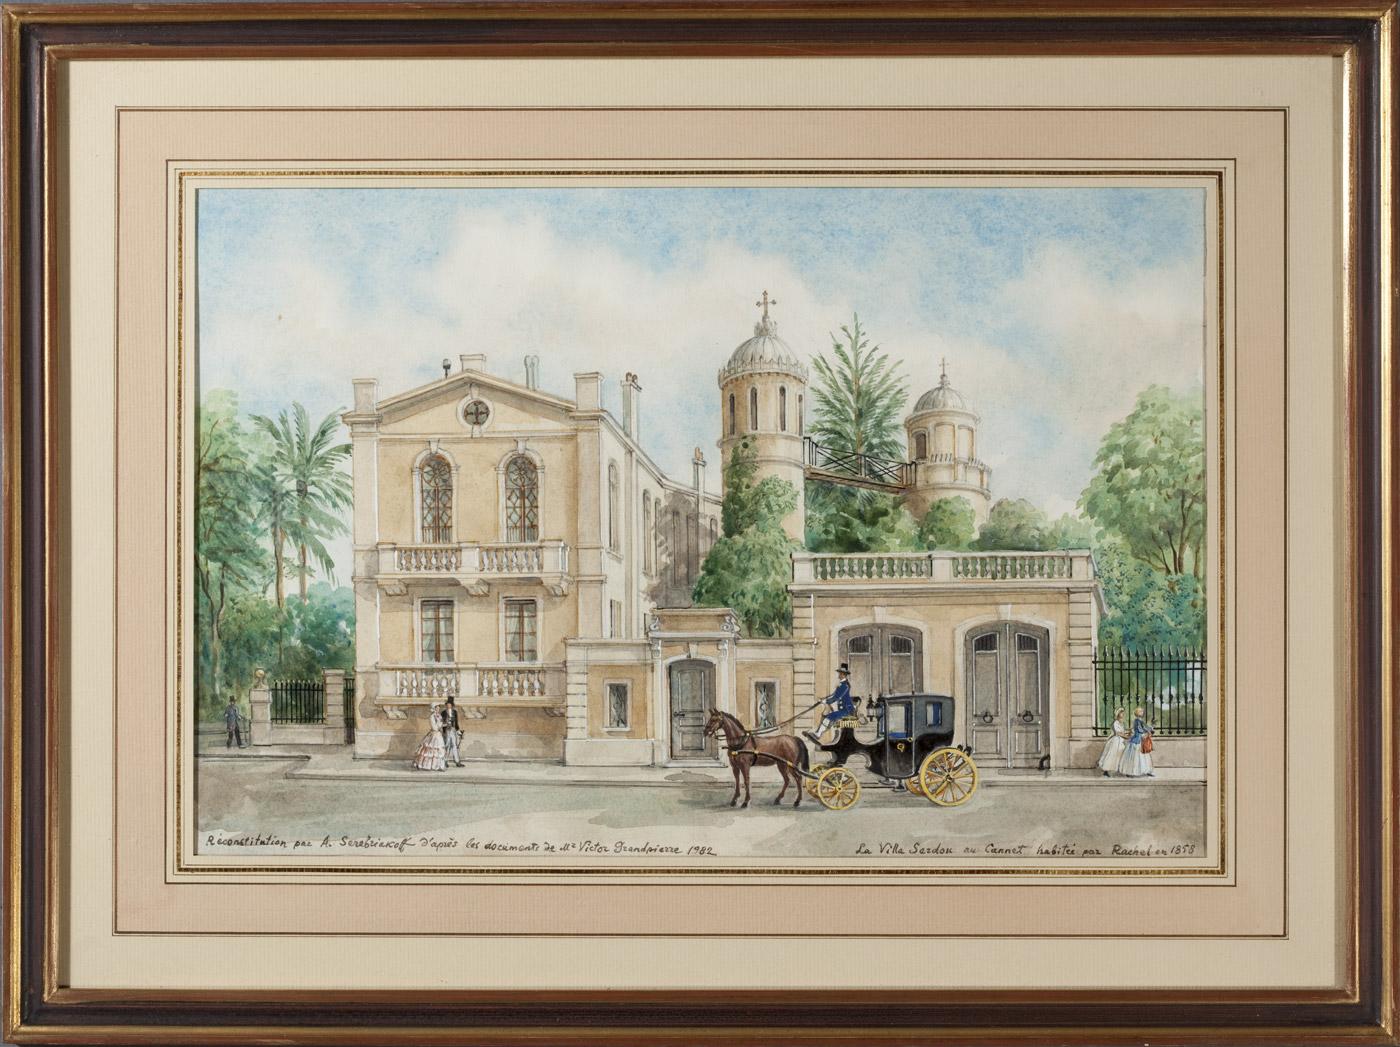 Trois aquarelles de Serebriakoff : La villa Sardou (résidence de Rachel) - Patrimoine Charles-André COLONNA WALEWSKI, en ligne directe de Napoléon